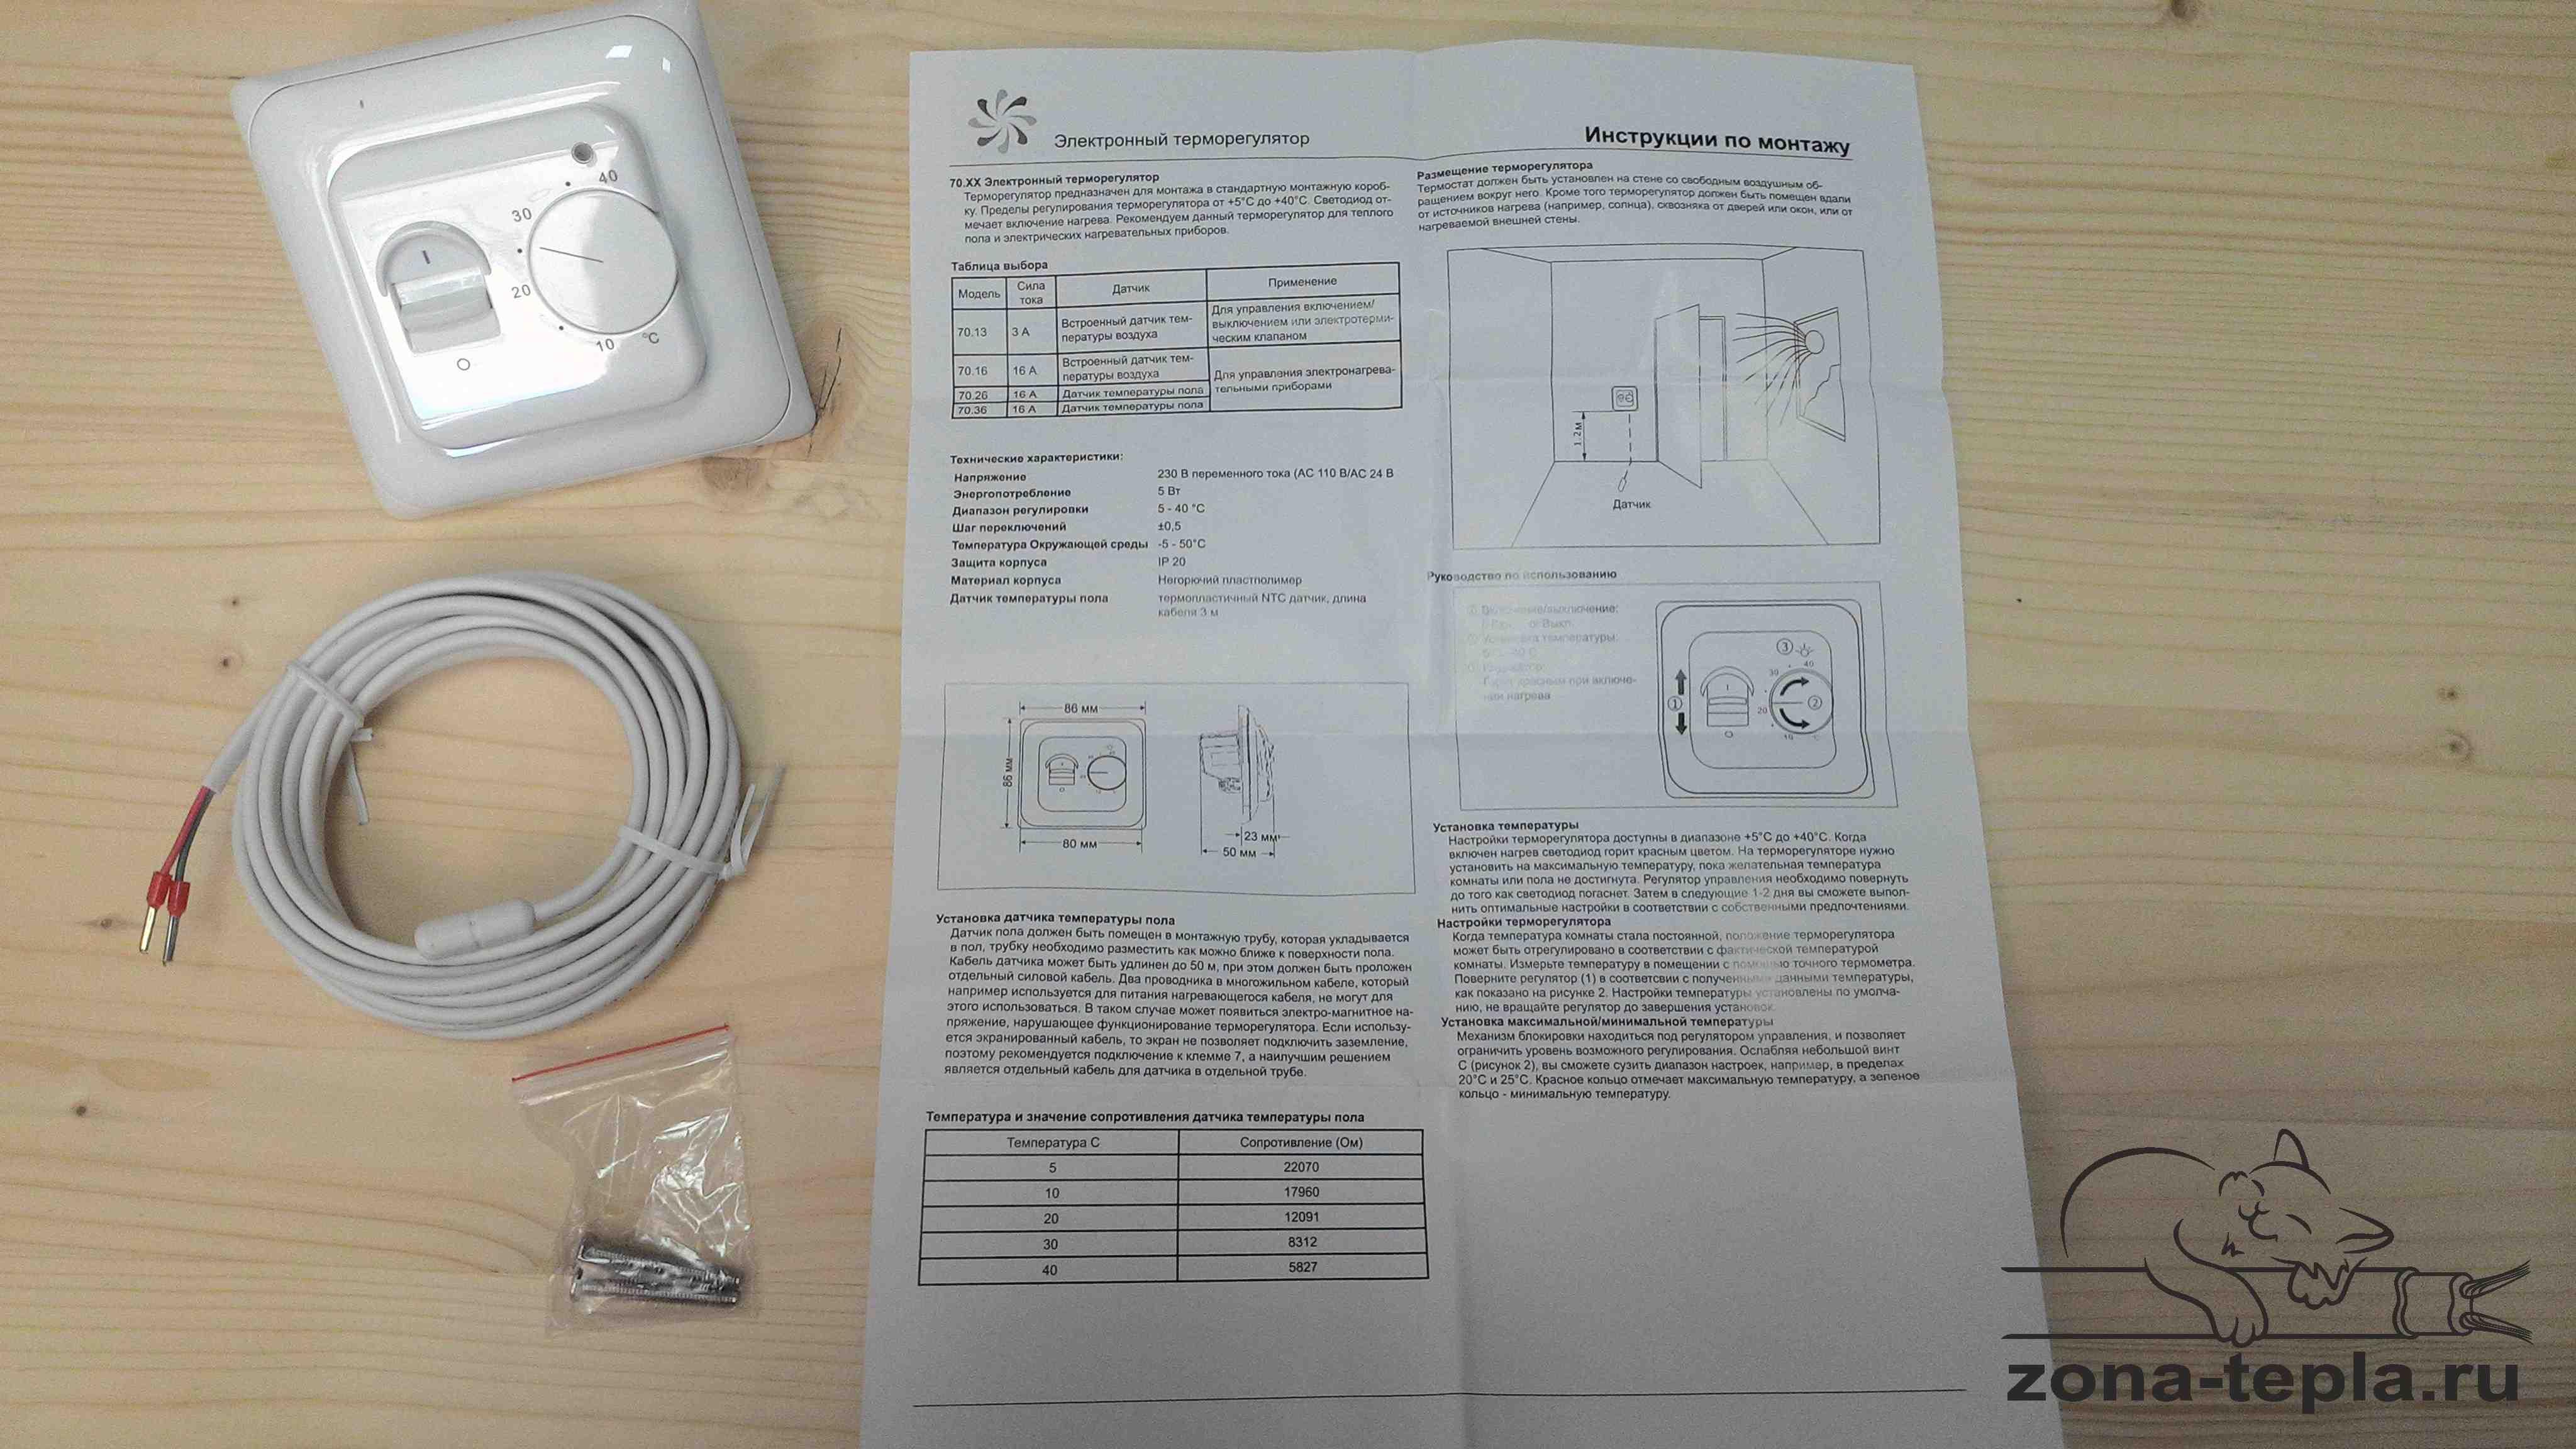 Терморегулятор для теплого пола RTC 70.26 инструкция